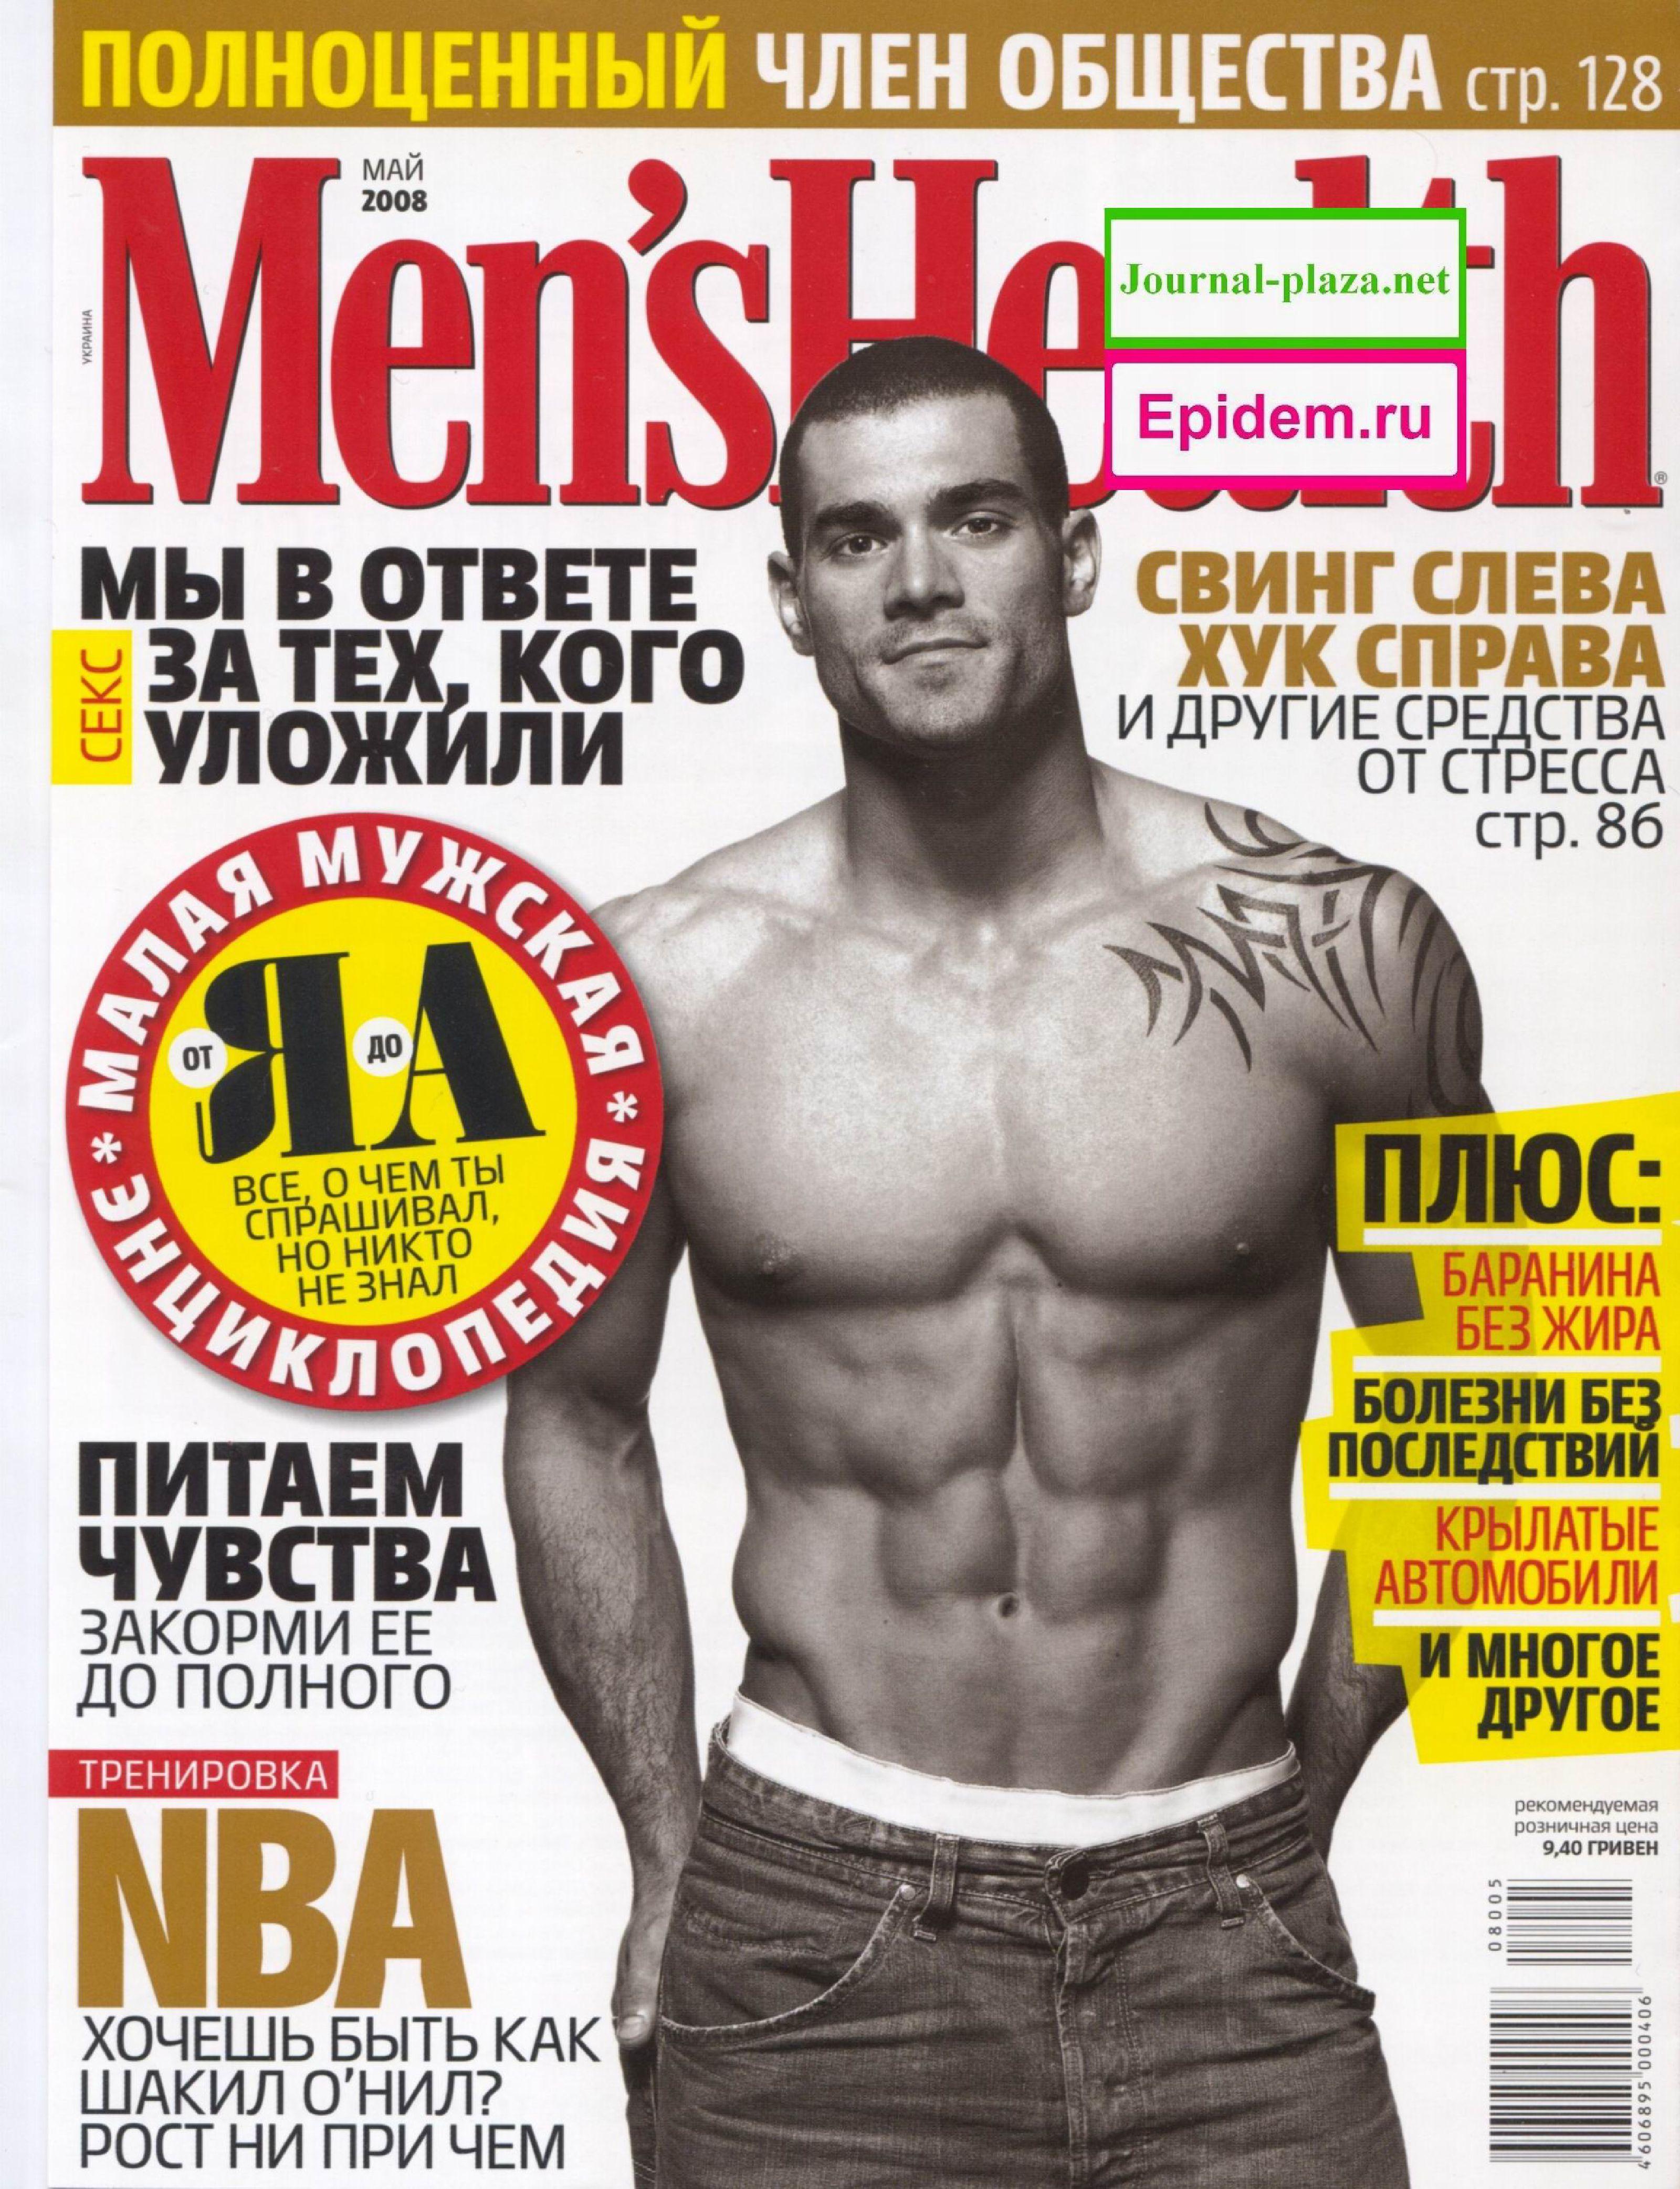 Журналы для мужчин смотреть фото отправились